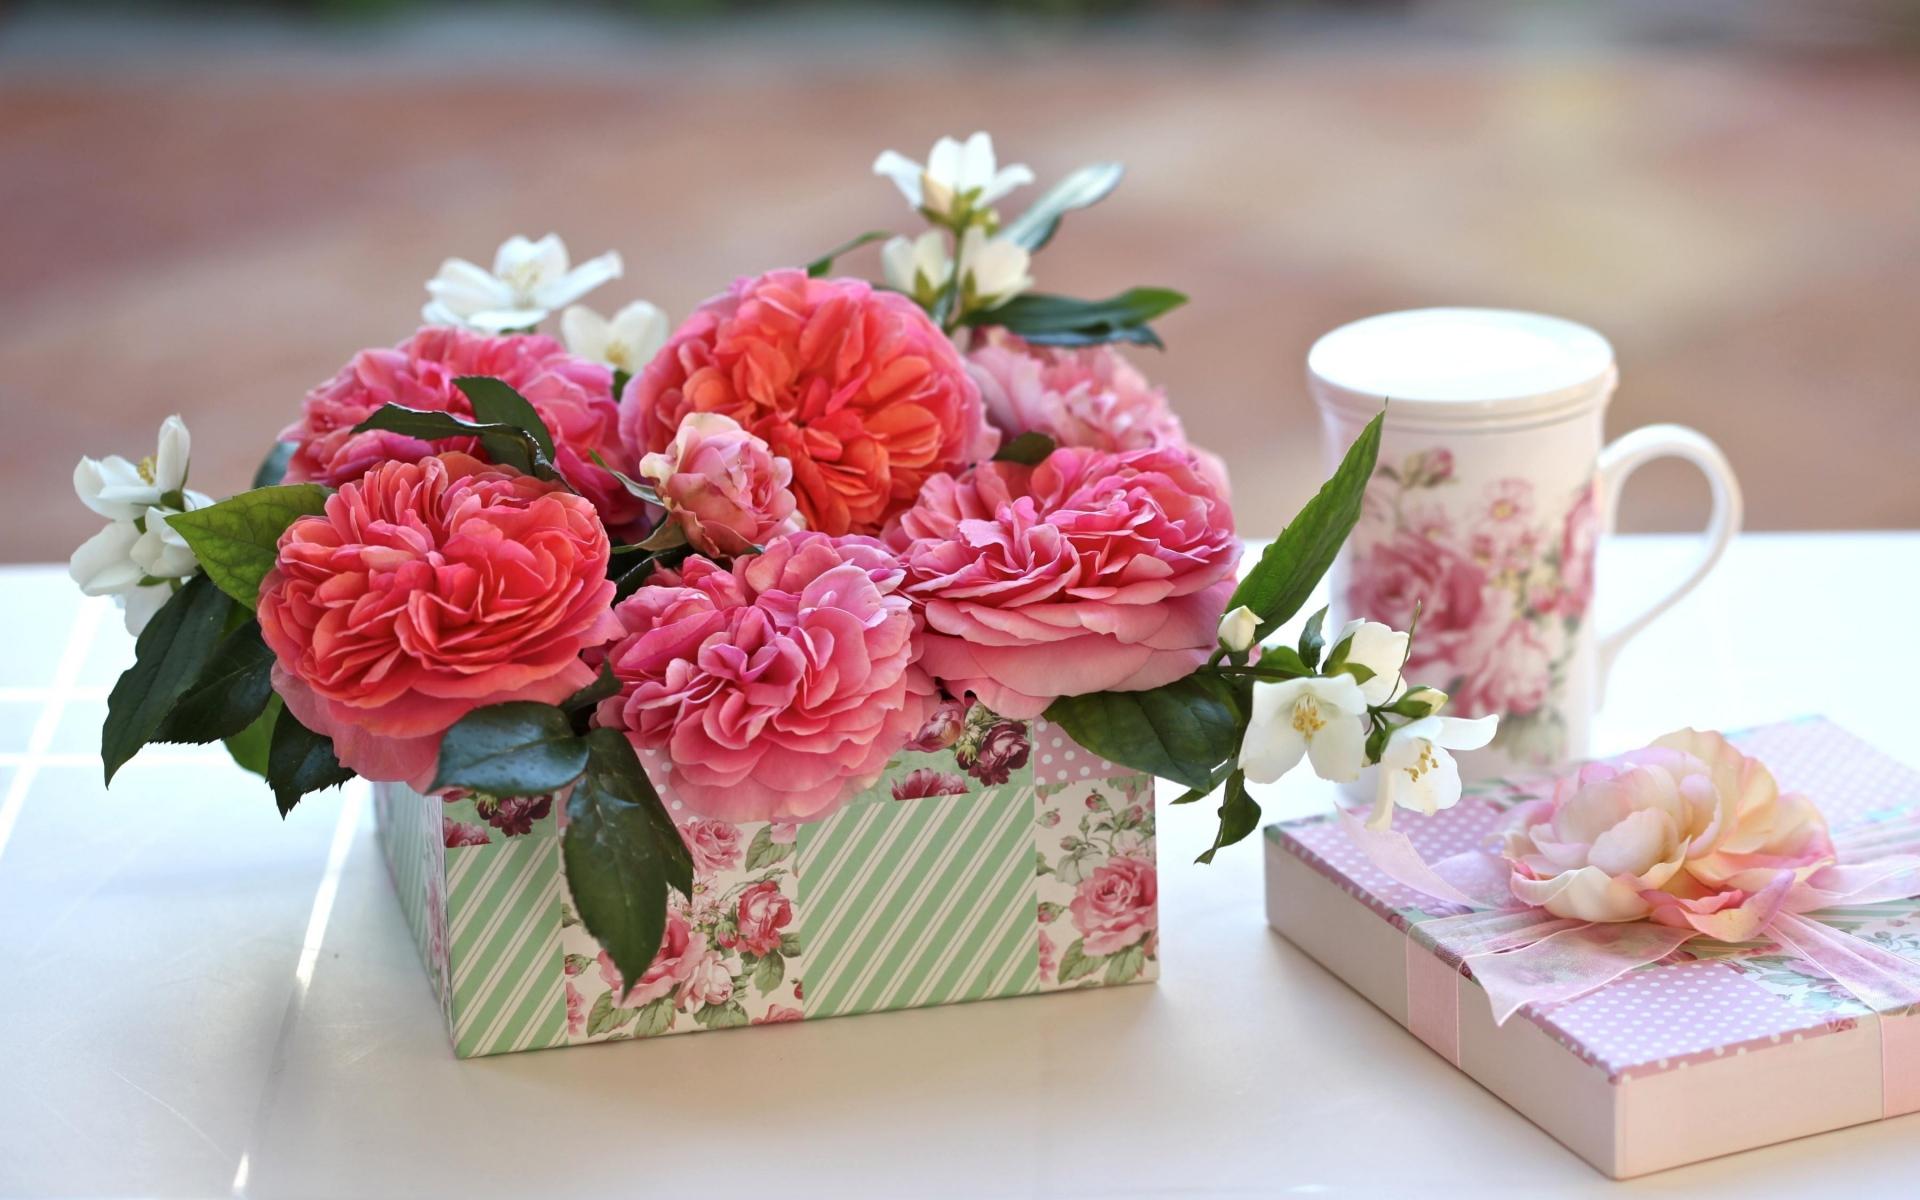 есть, картинки на рабочий стол цветы в коробке повышенной влажности